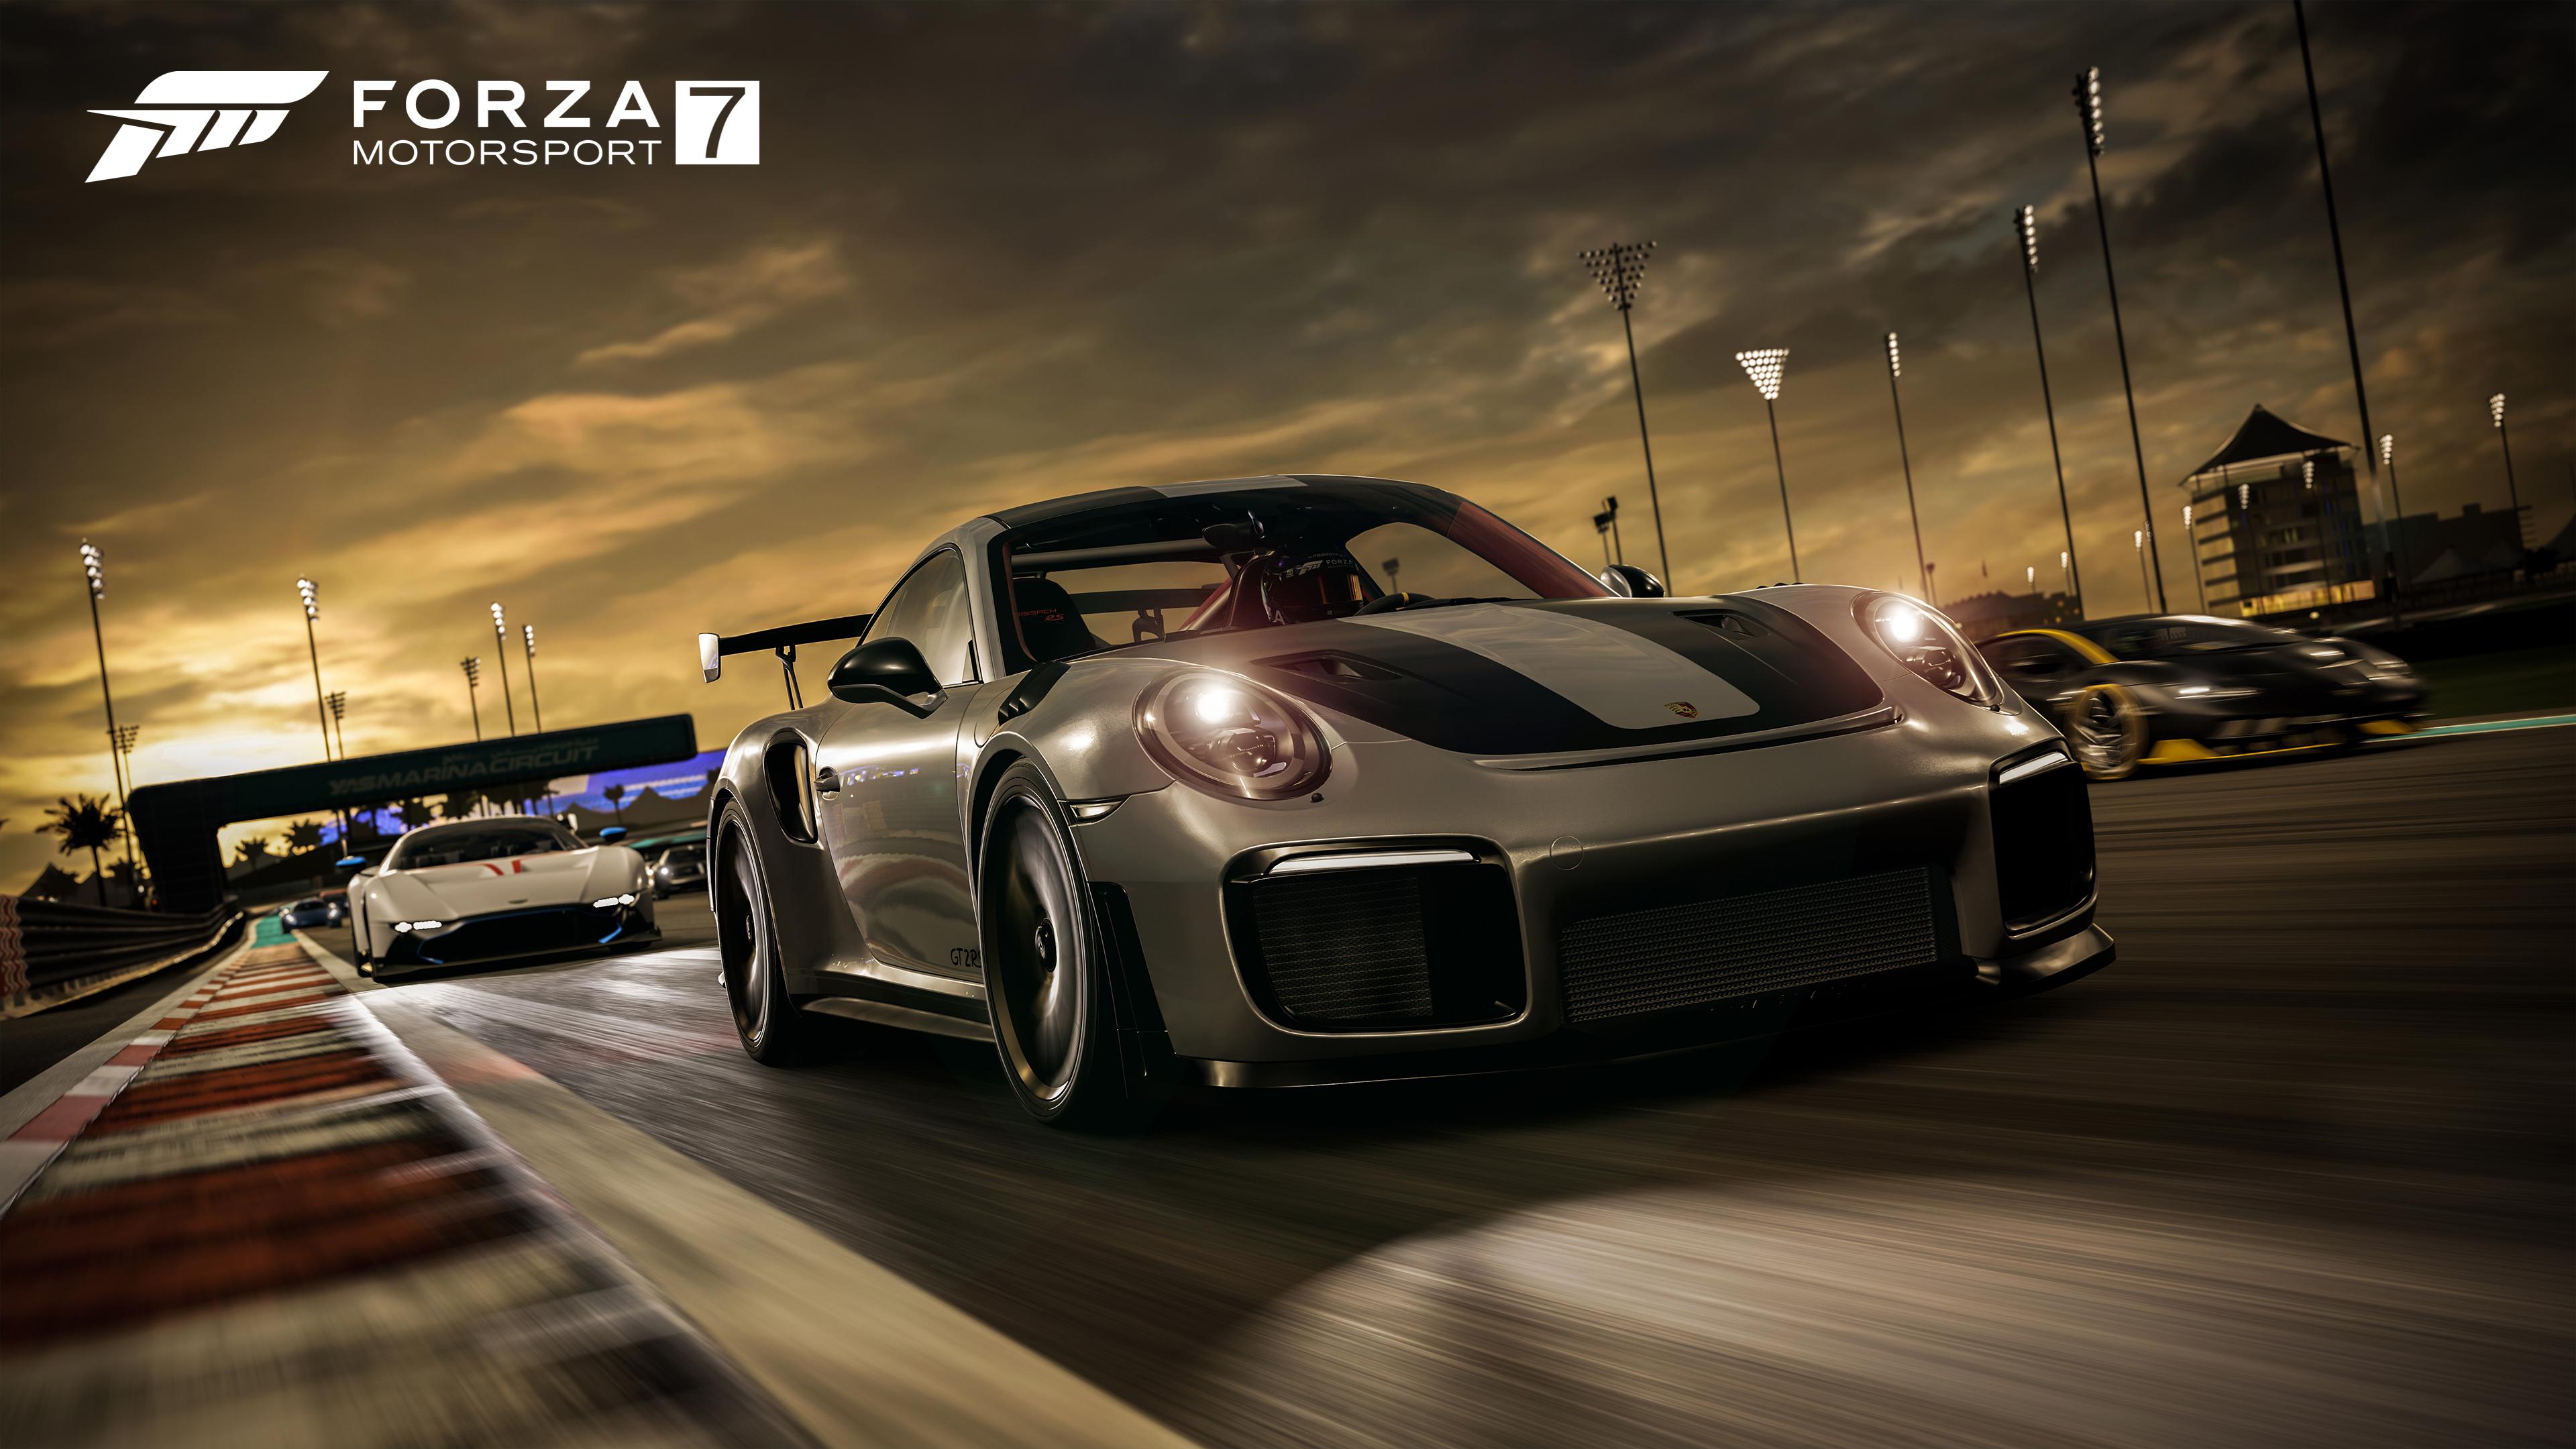 极限竞速7游戏图片欣赏